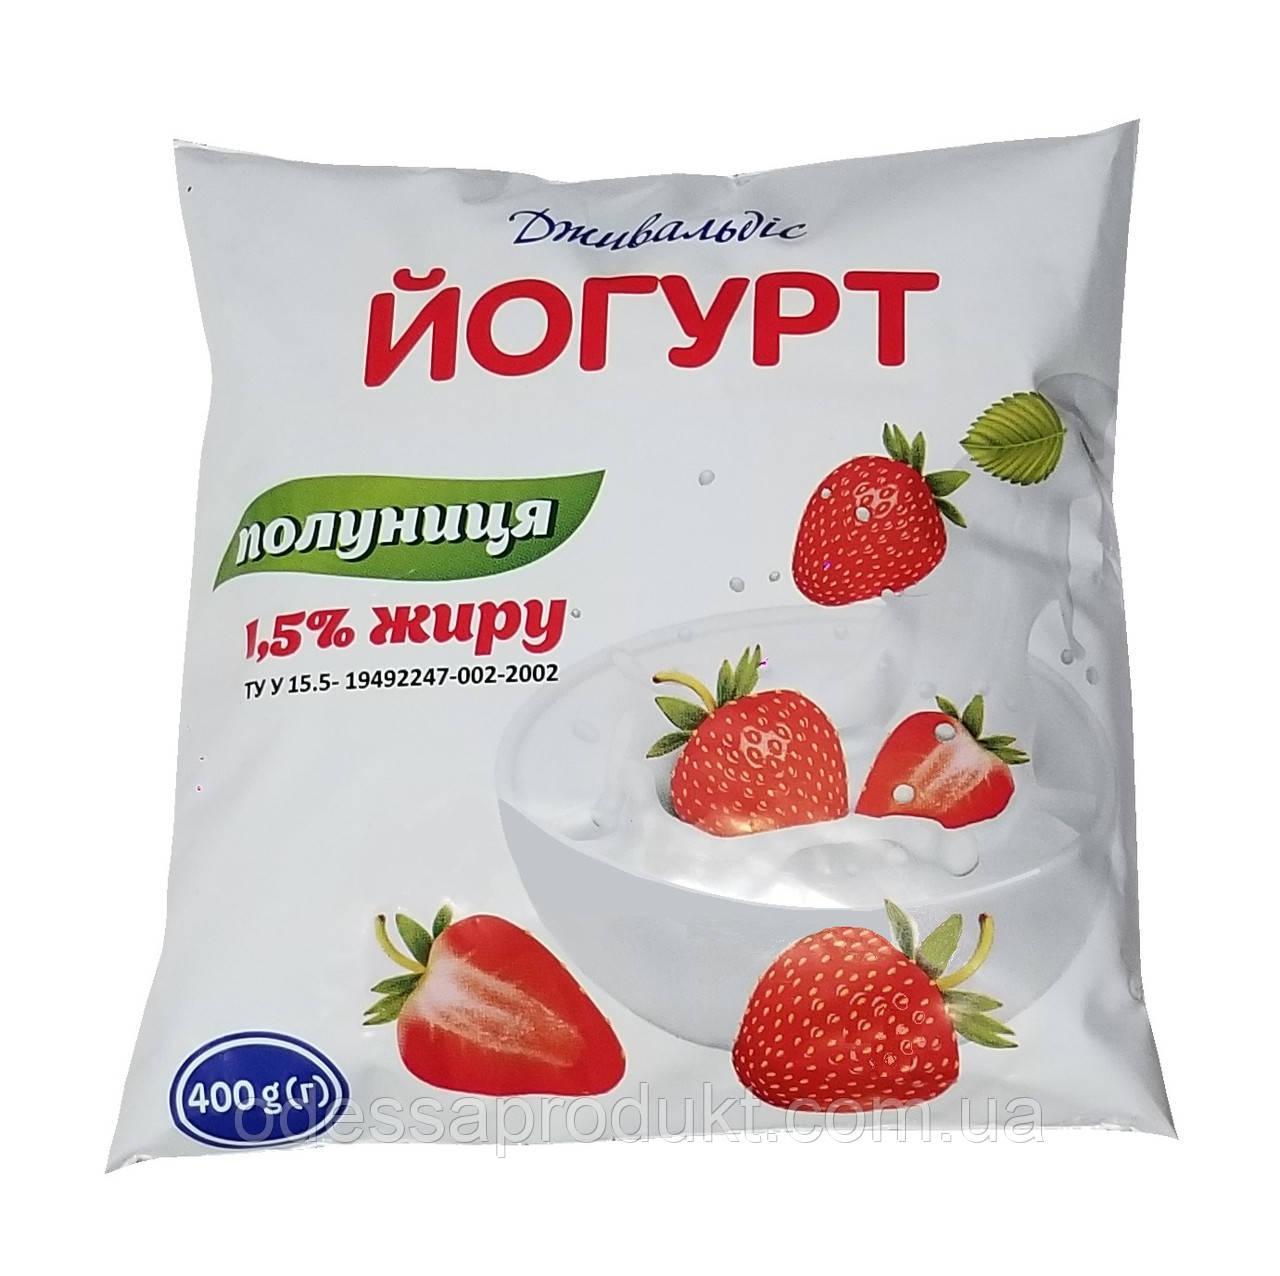 Йогурт 400 г Дживальдис 1,5% клубника п/е